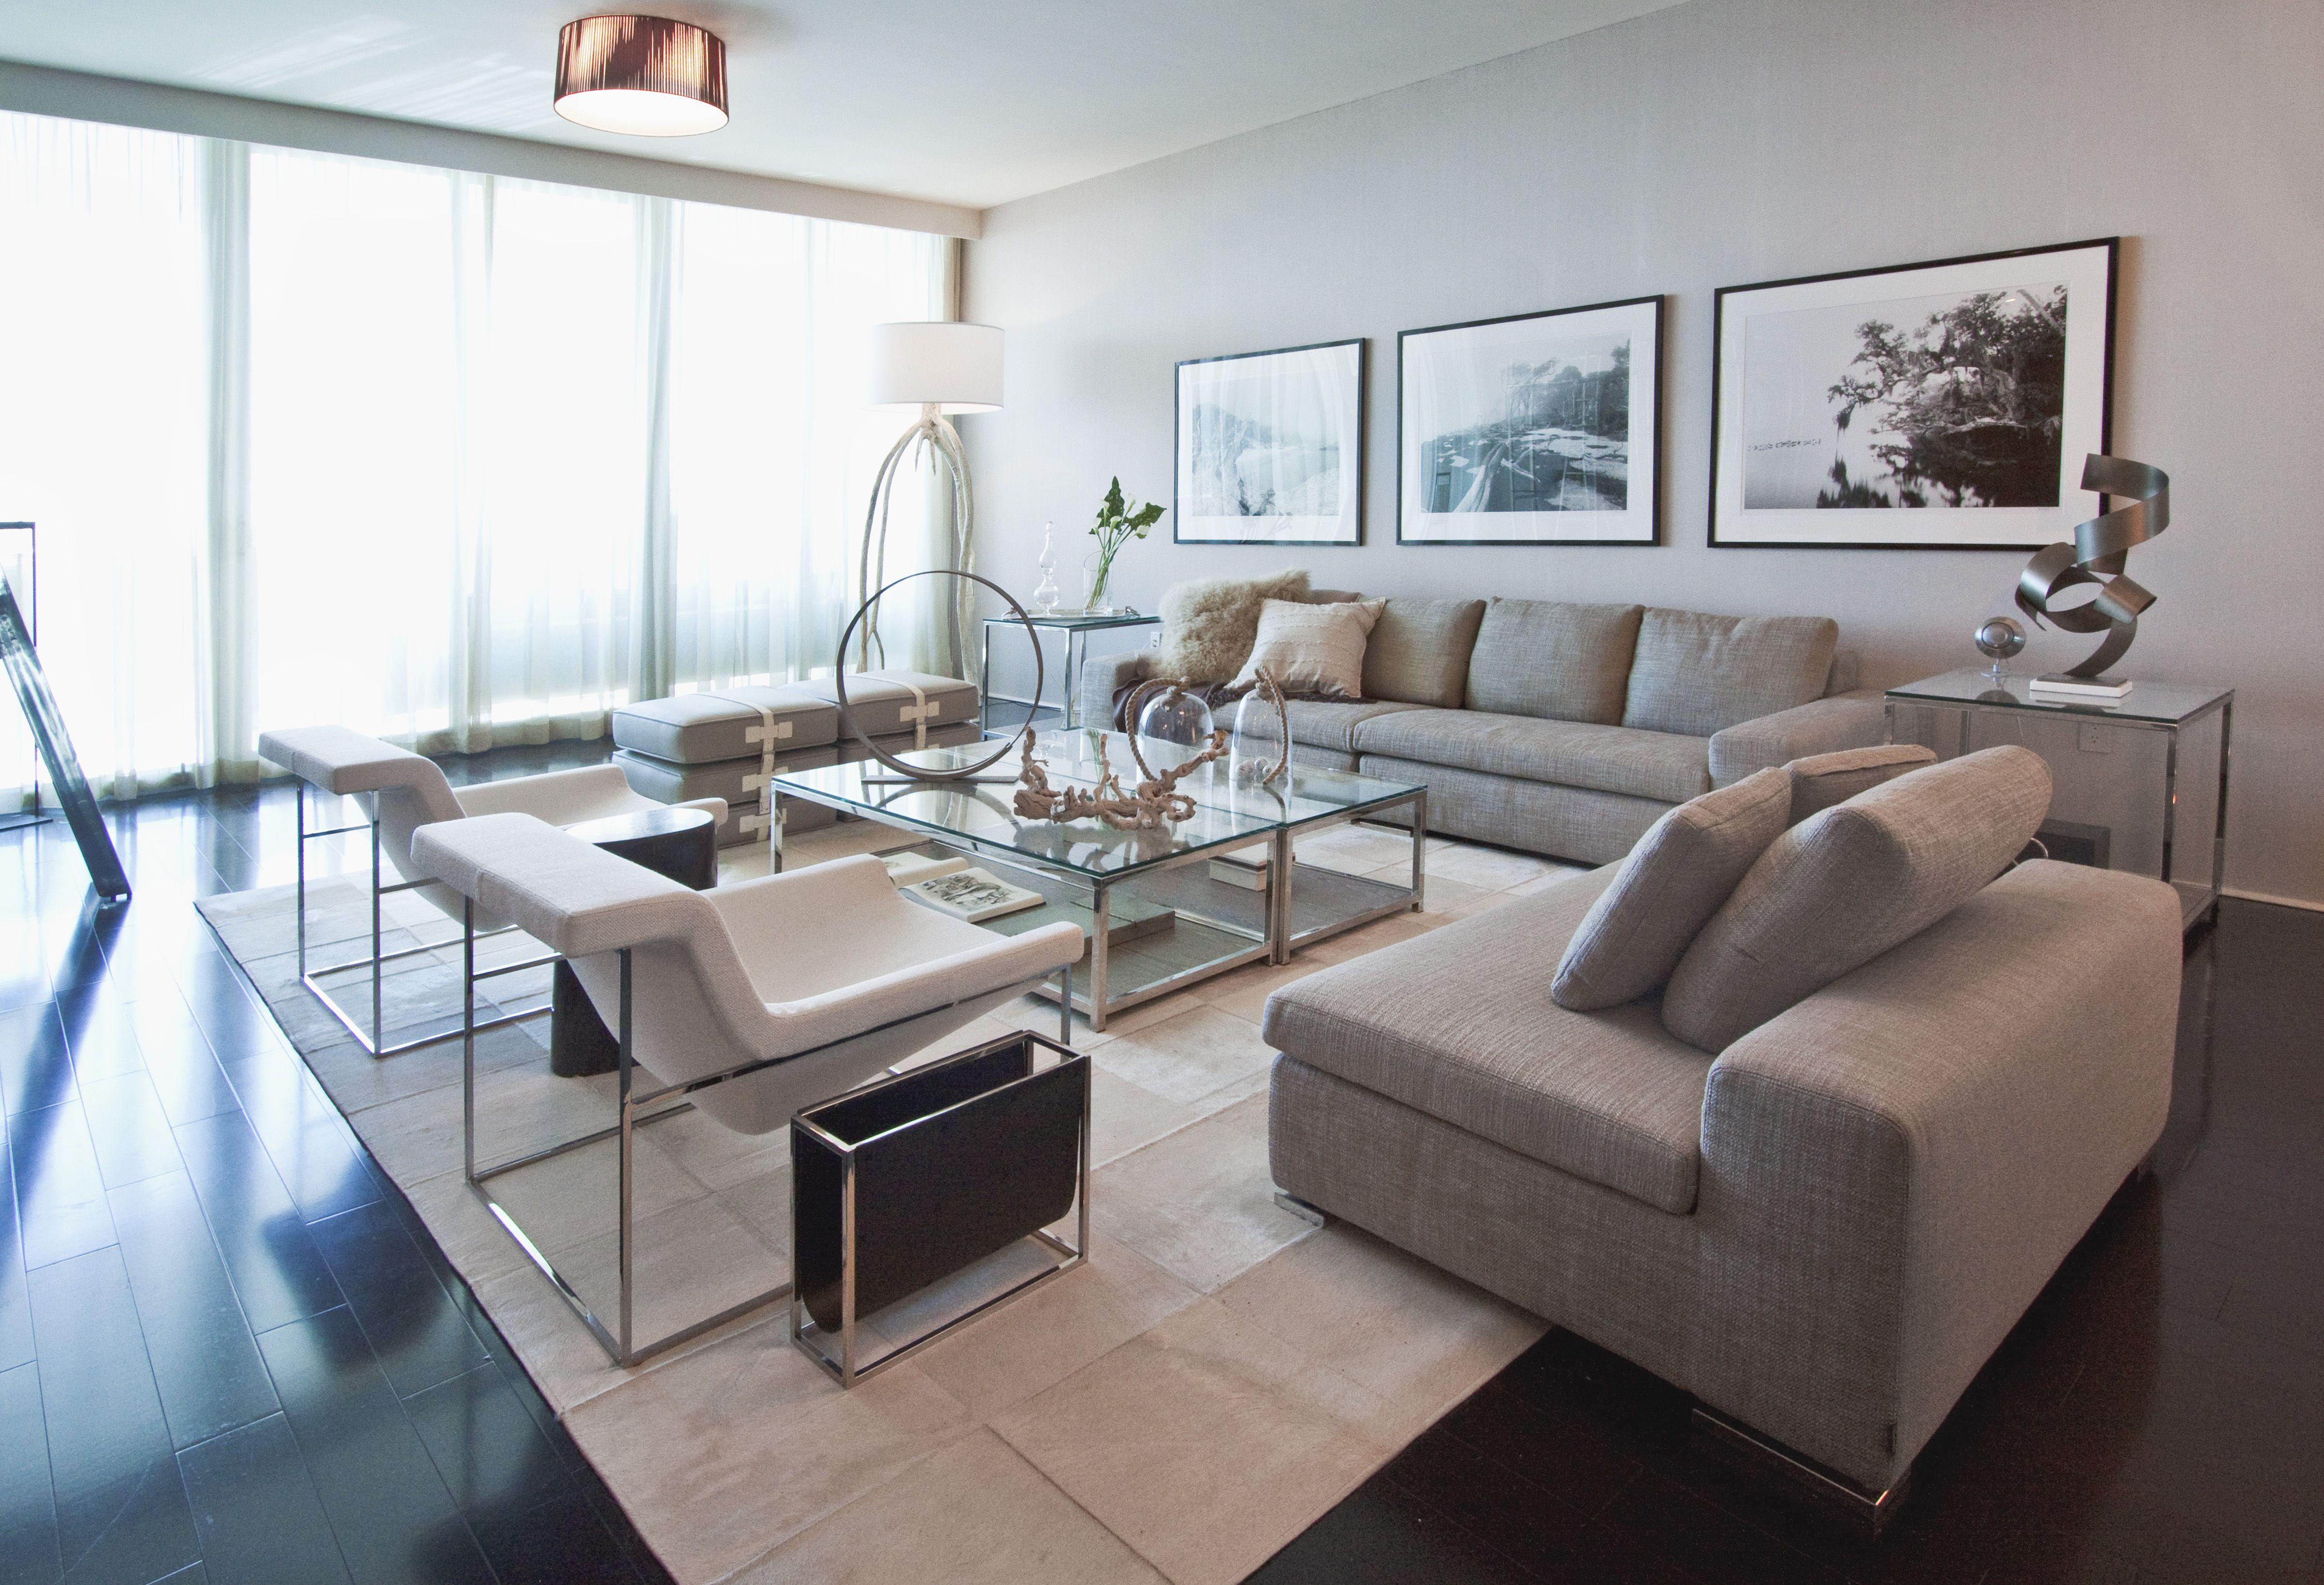 Living Room Interior Design Project in The Bath Club Miami Beach